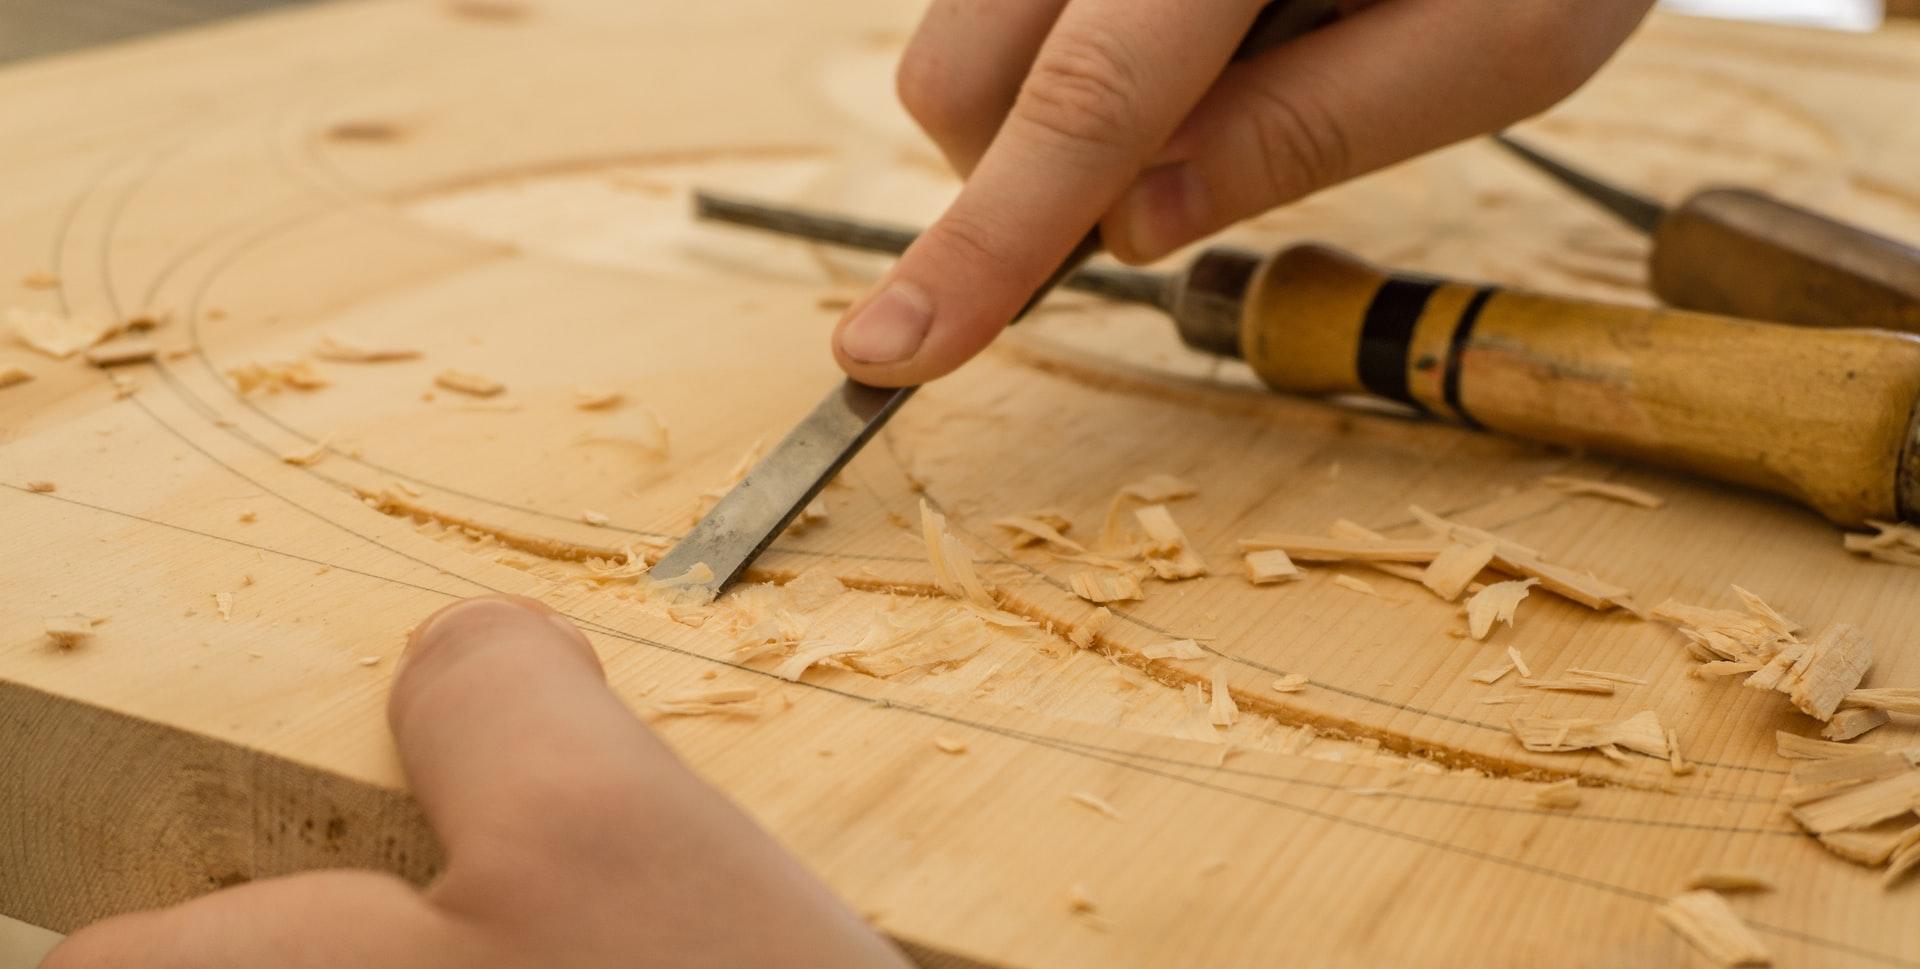 carpenter chisel